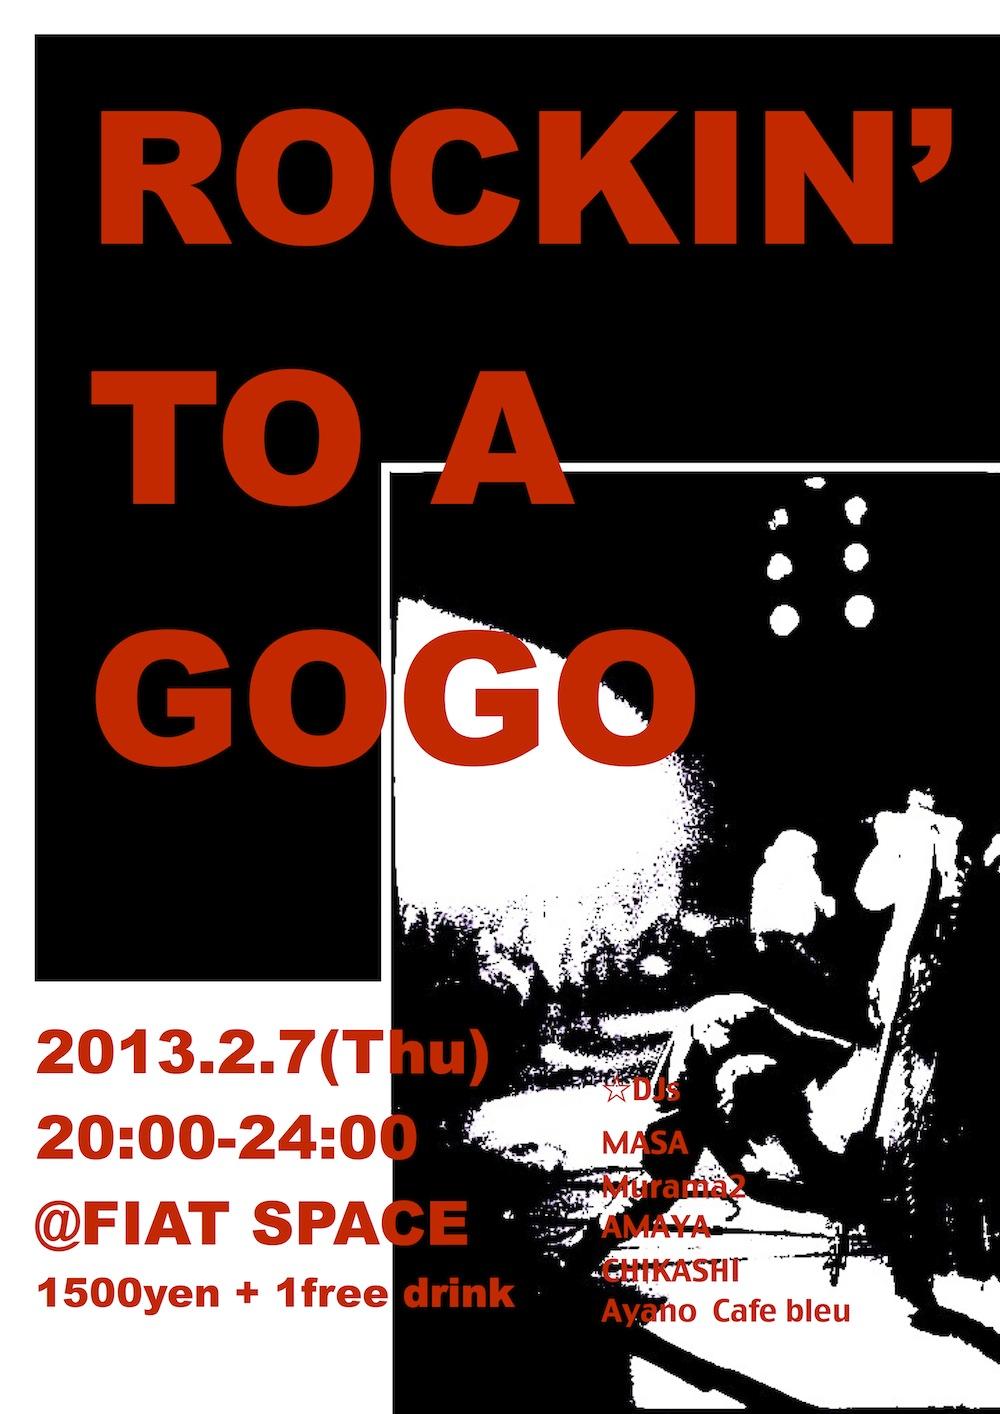 rockin1018.jpg